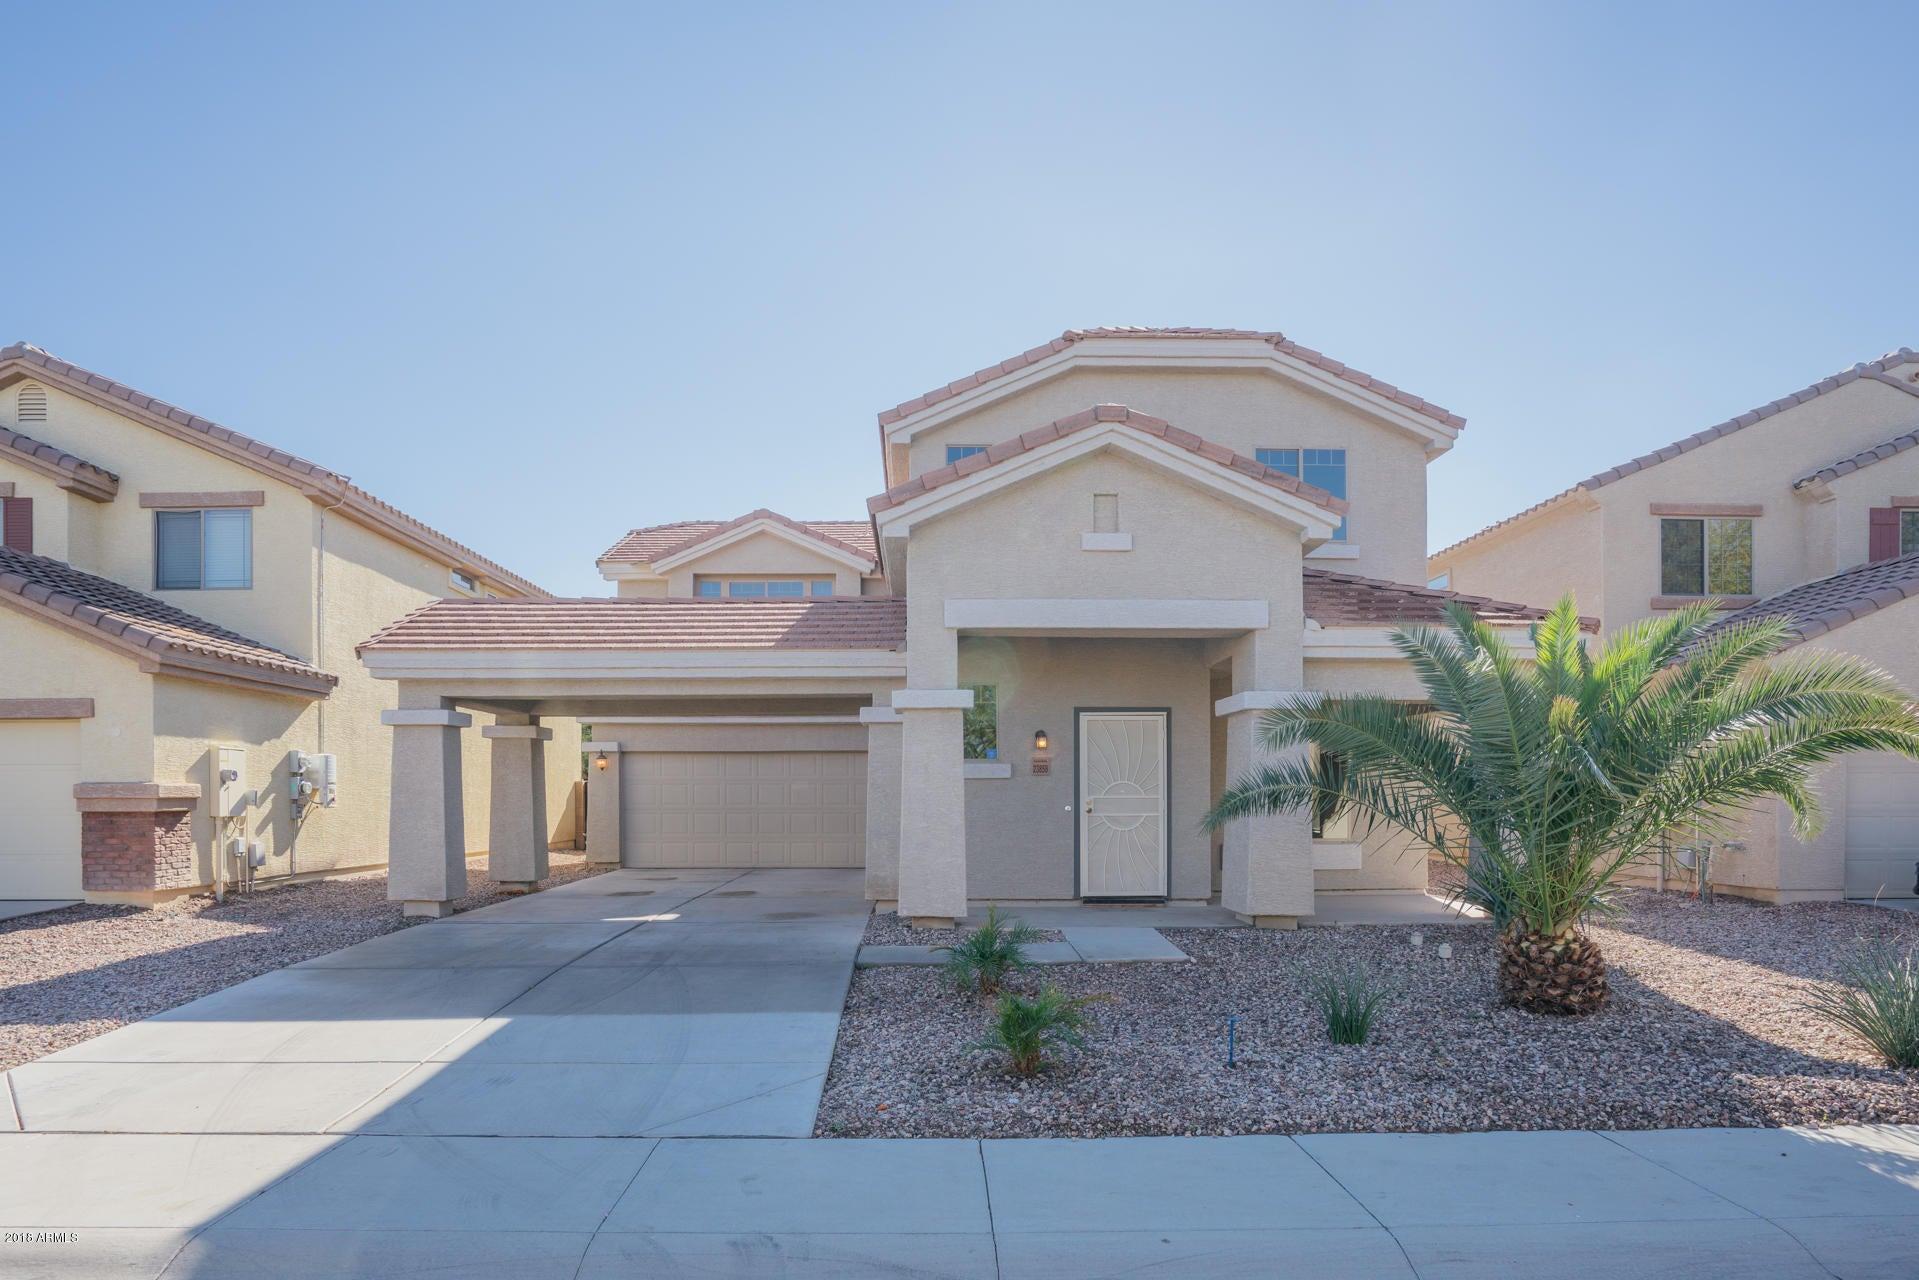 23859 W HIDALGO Avenue, Buckeye, AZ 85326